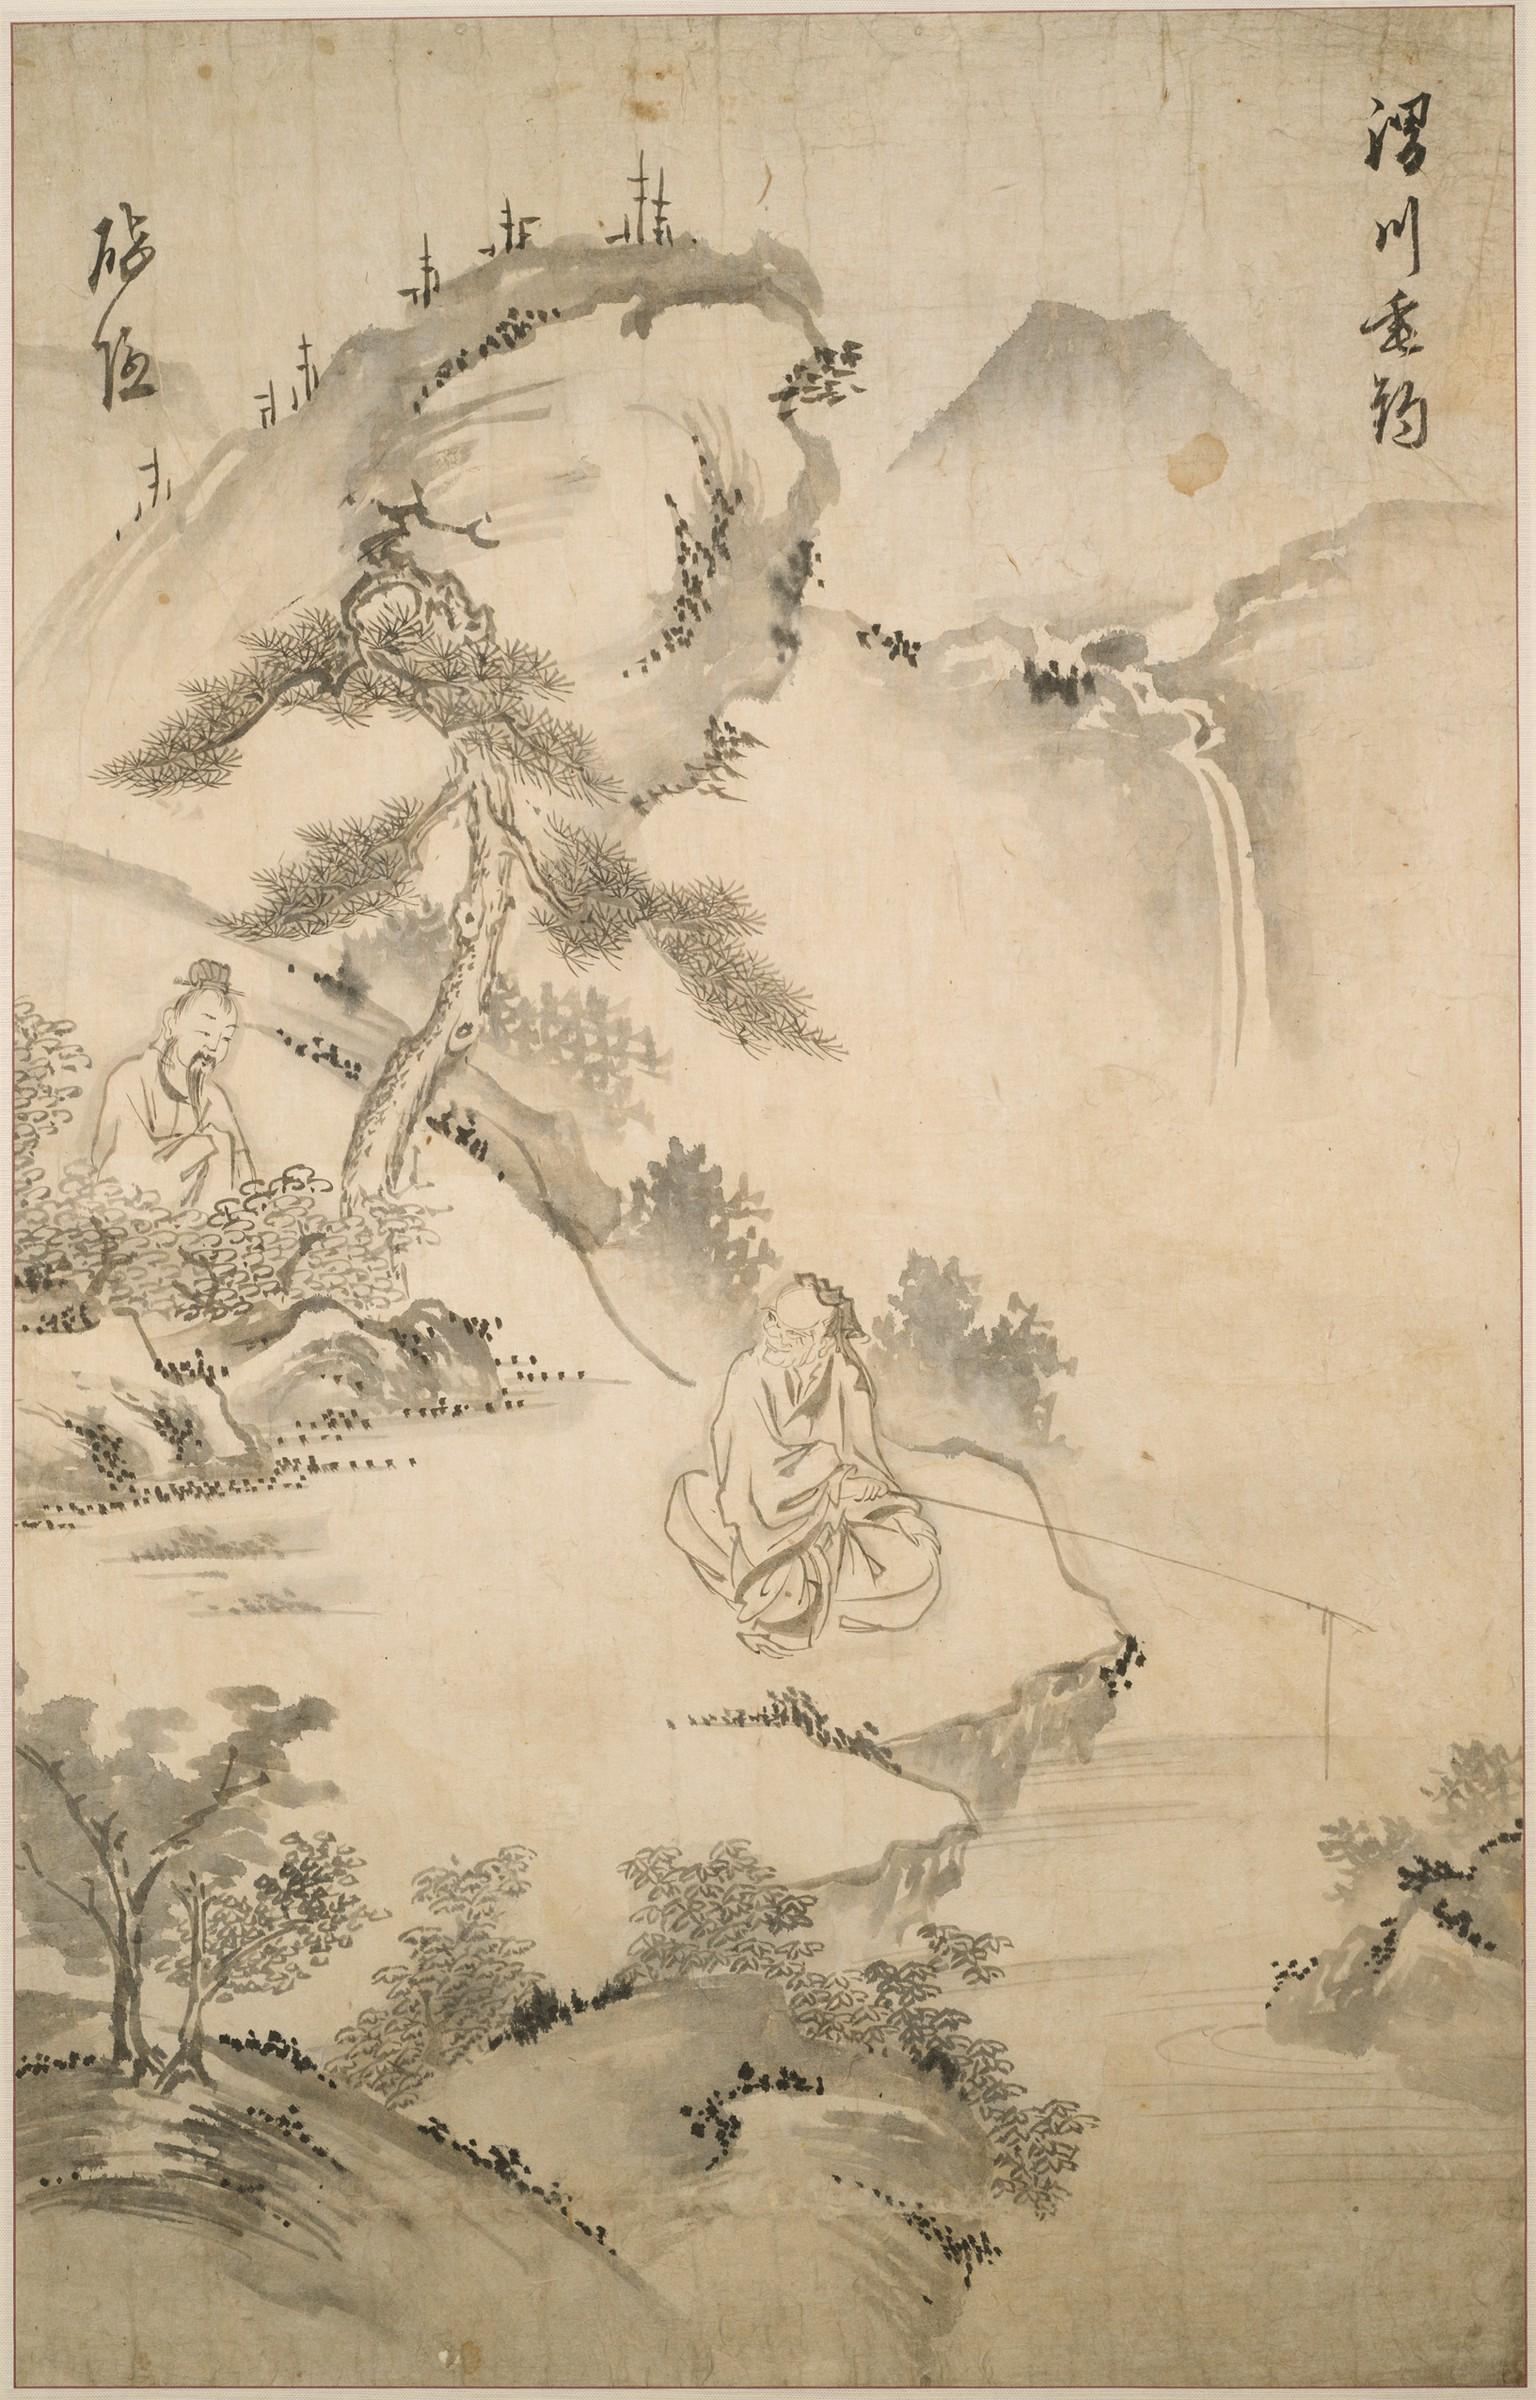 周文王渭水邊遇姜太公,出古代朝鮮繪畫,哈佛大學佛格美術館藏。(公有領域)